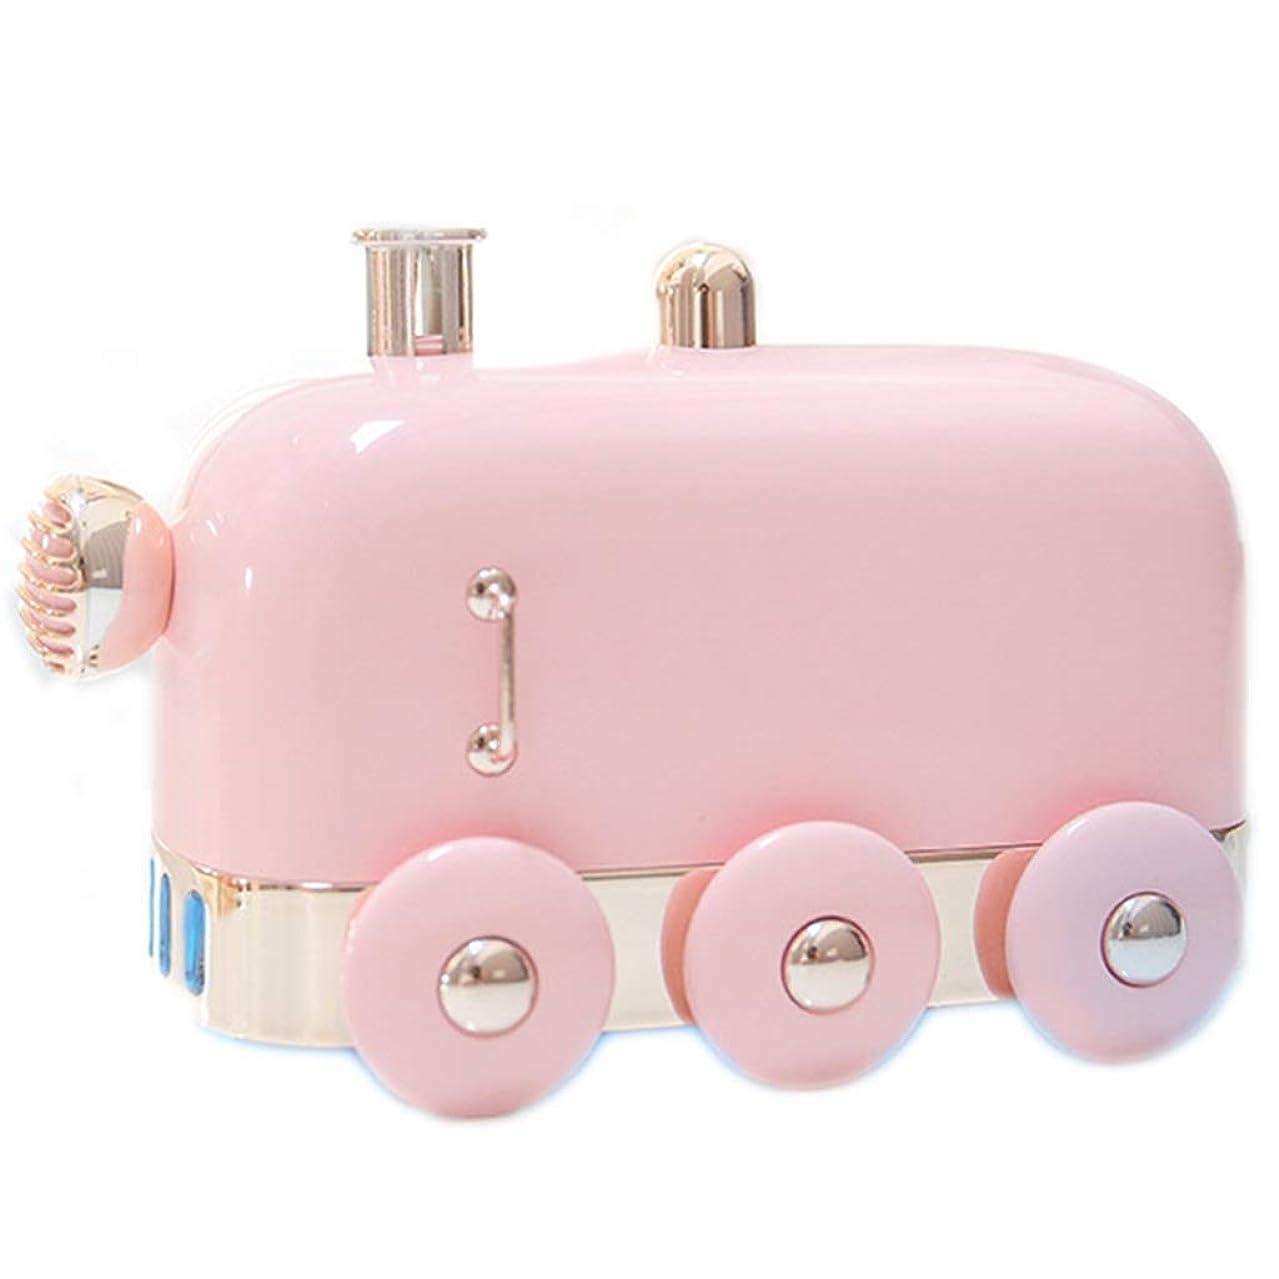 一般化する春姪アロマセラピーエッセンシャルオイルディフューザー、アロマディフューザークールミスト加湿器ウォーターレスオートシャットオフホームオフィス用ヨガ (Color : Pink)